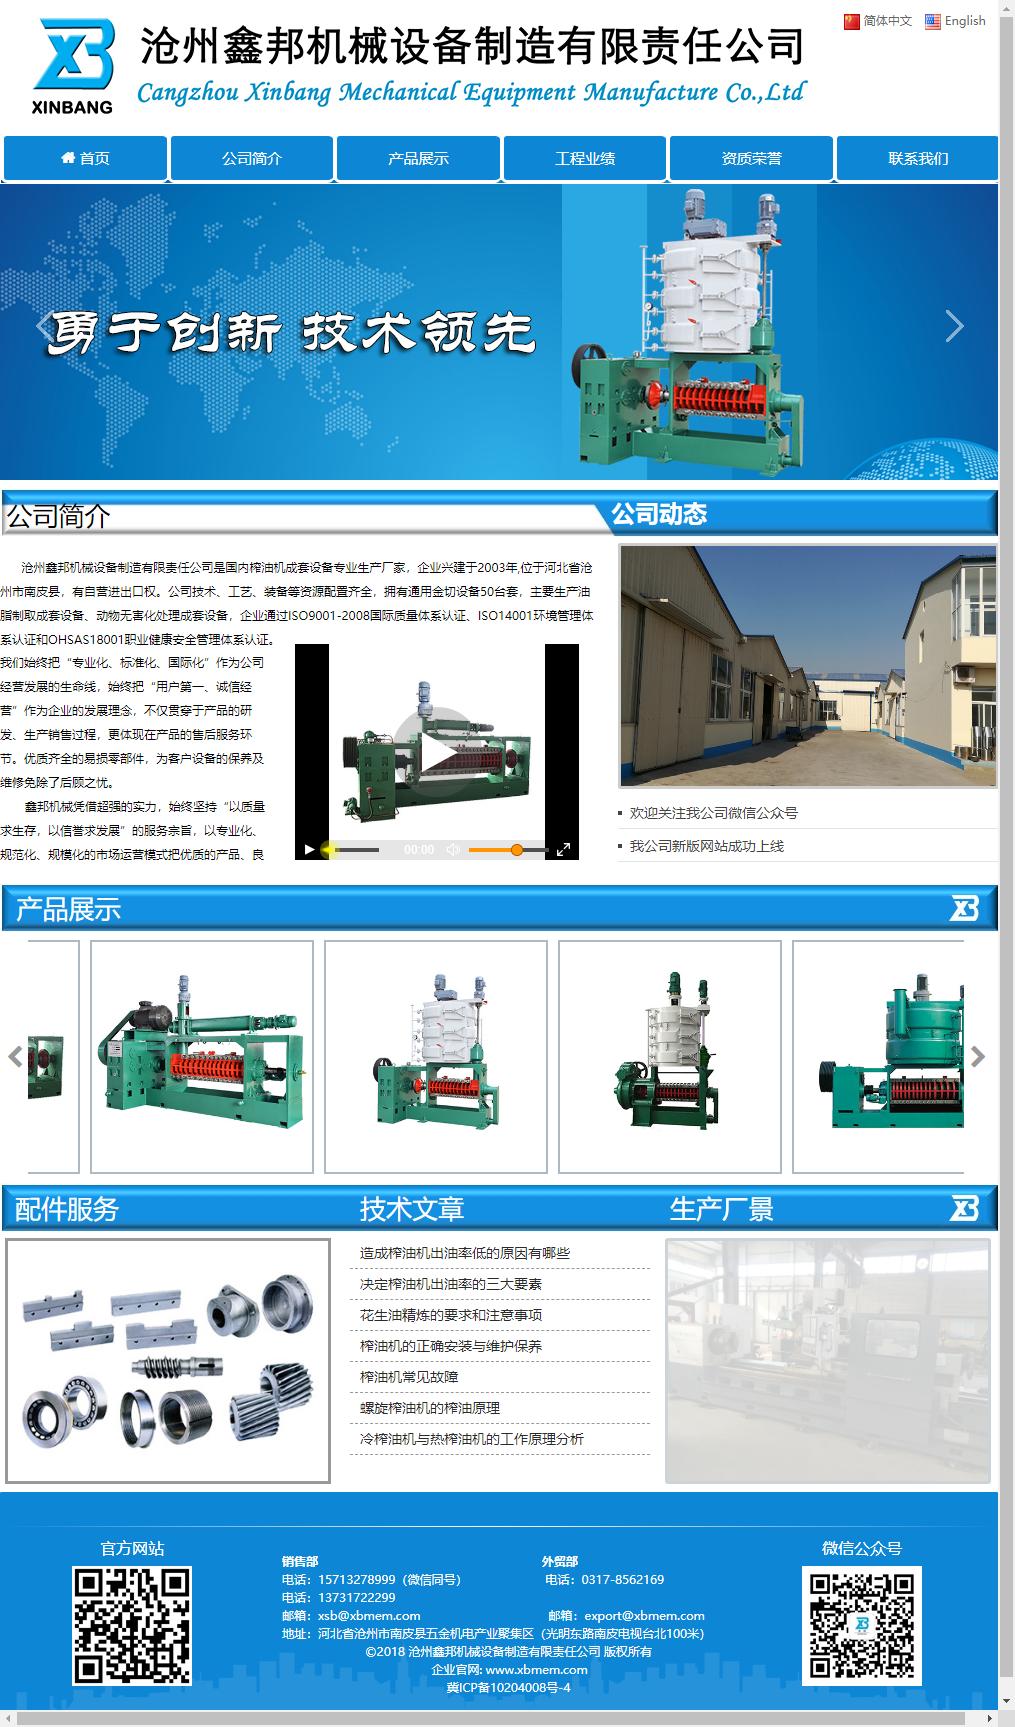 沧州鑫邦机械设备制造有限责任公司网站案例